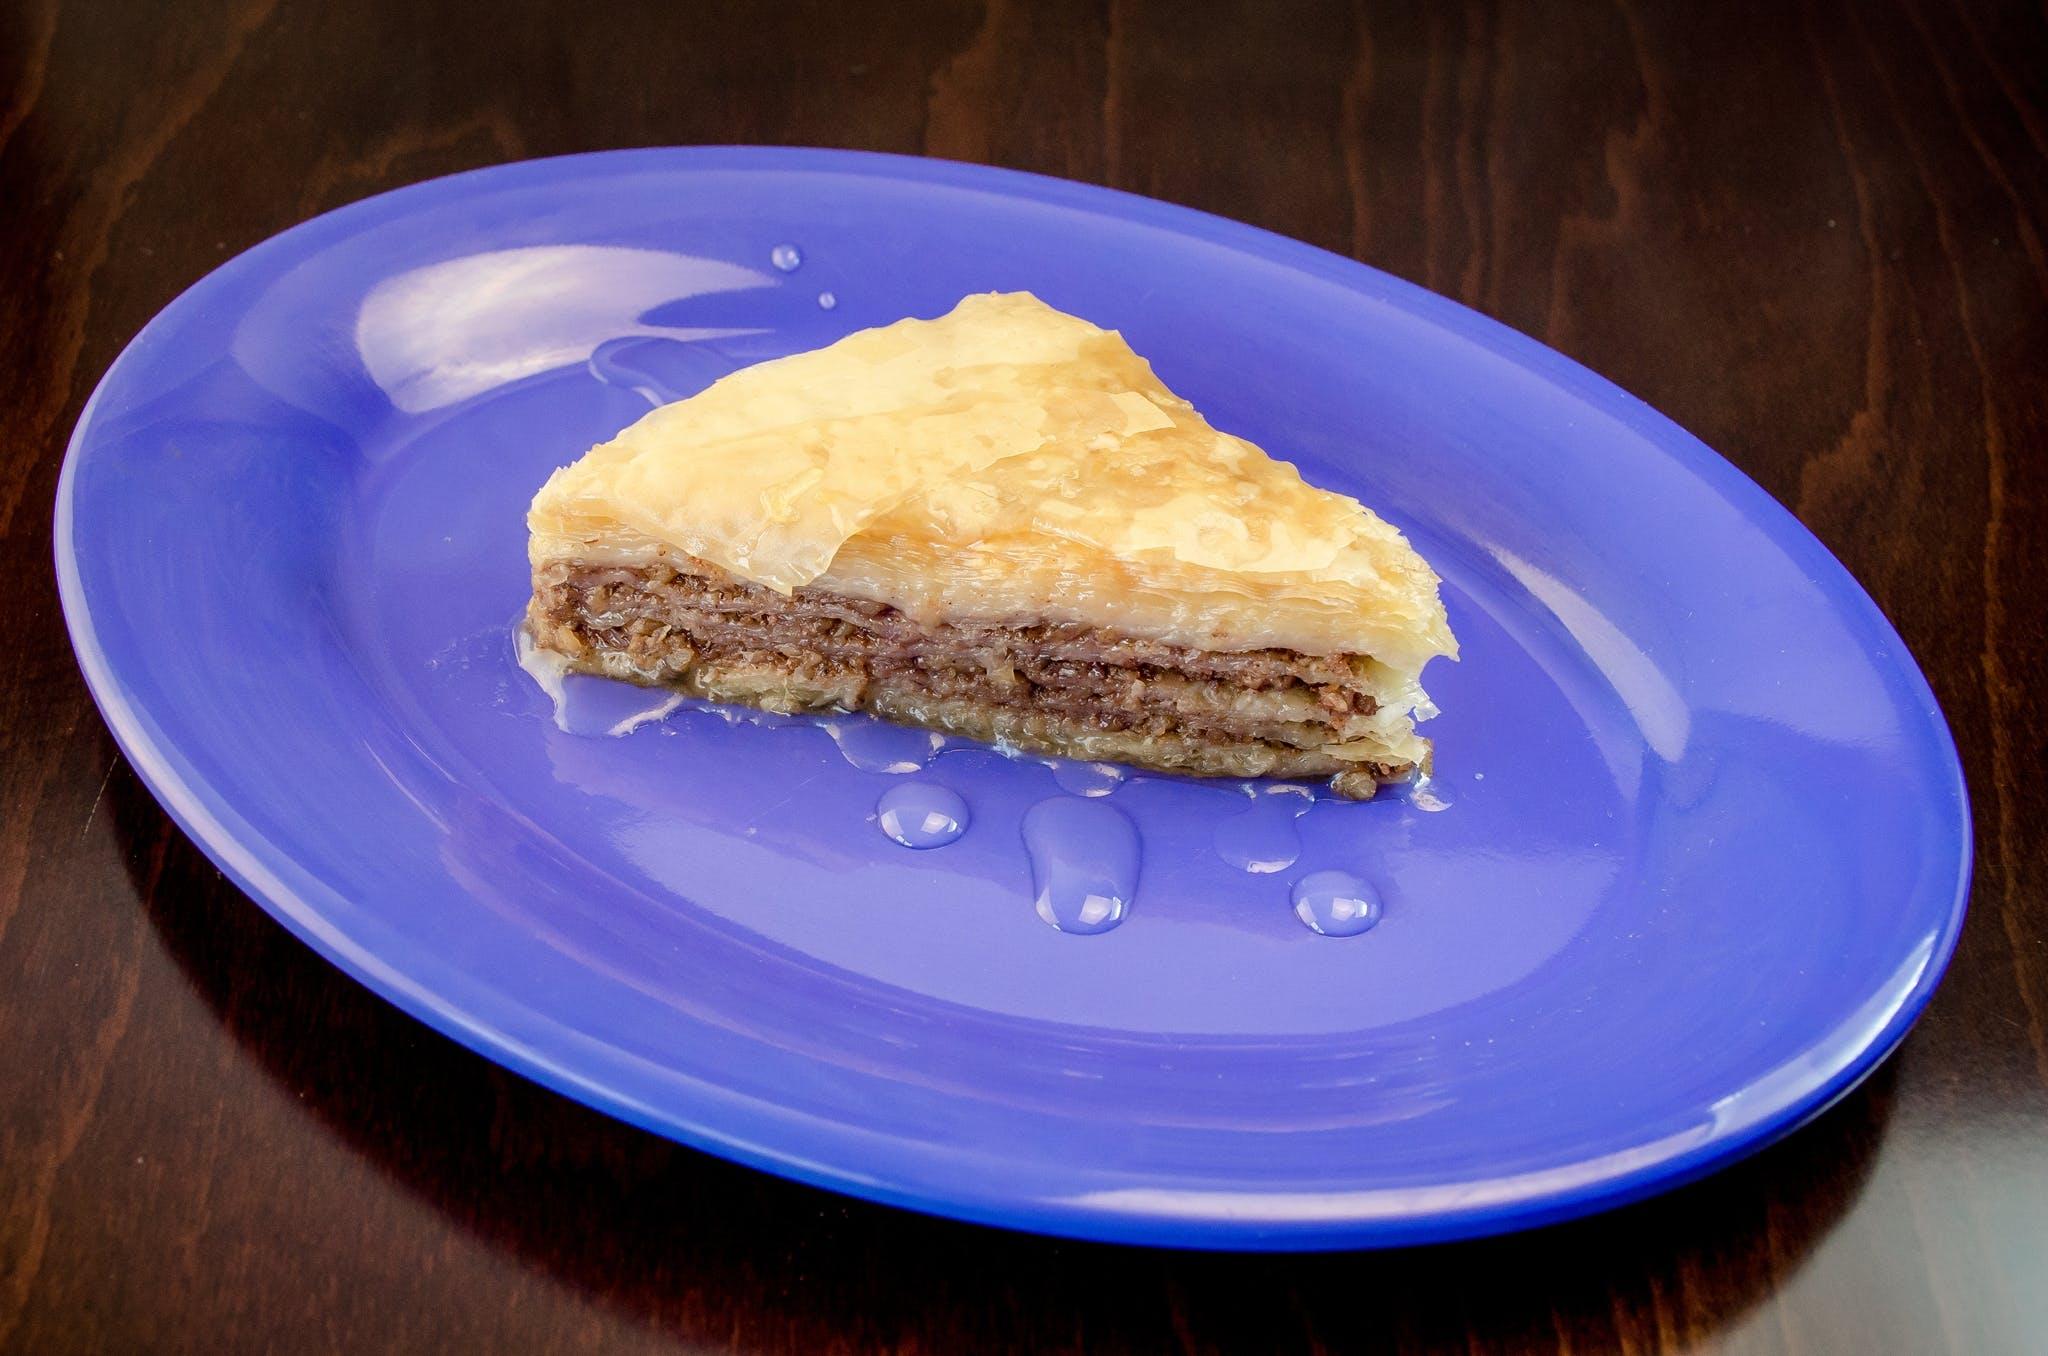 Baklava from Freska Mediterranean Grill in Middleton, WI